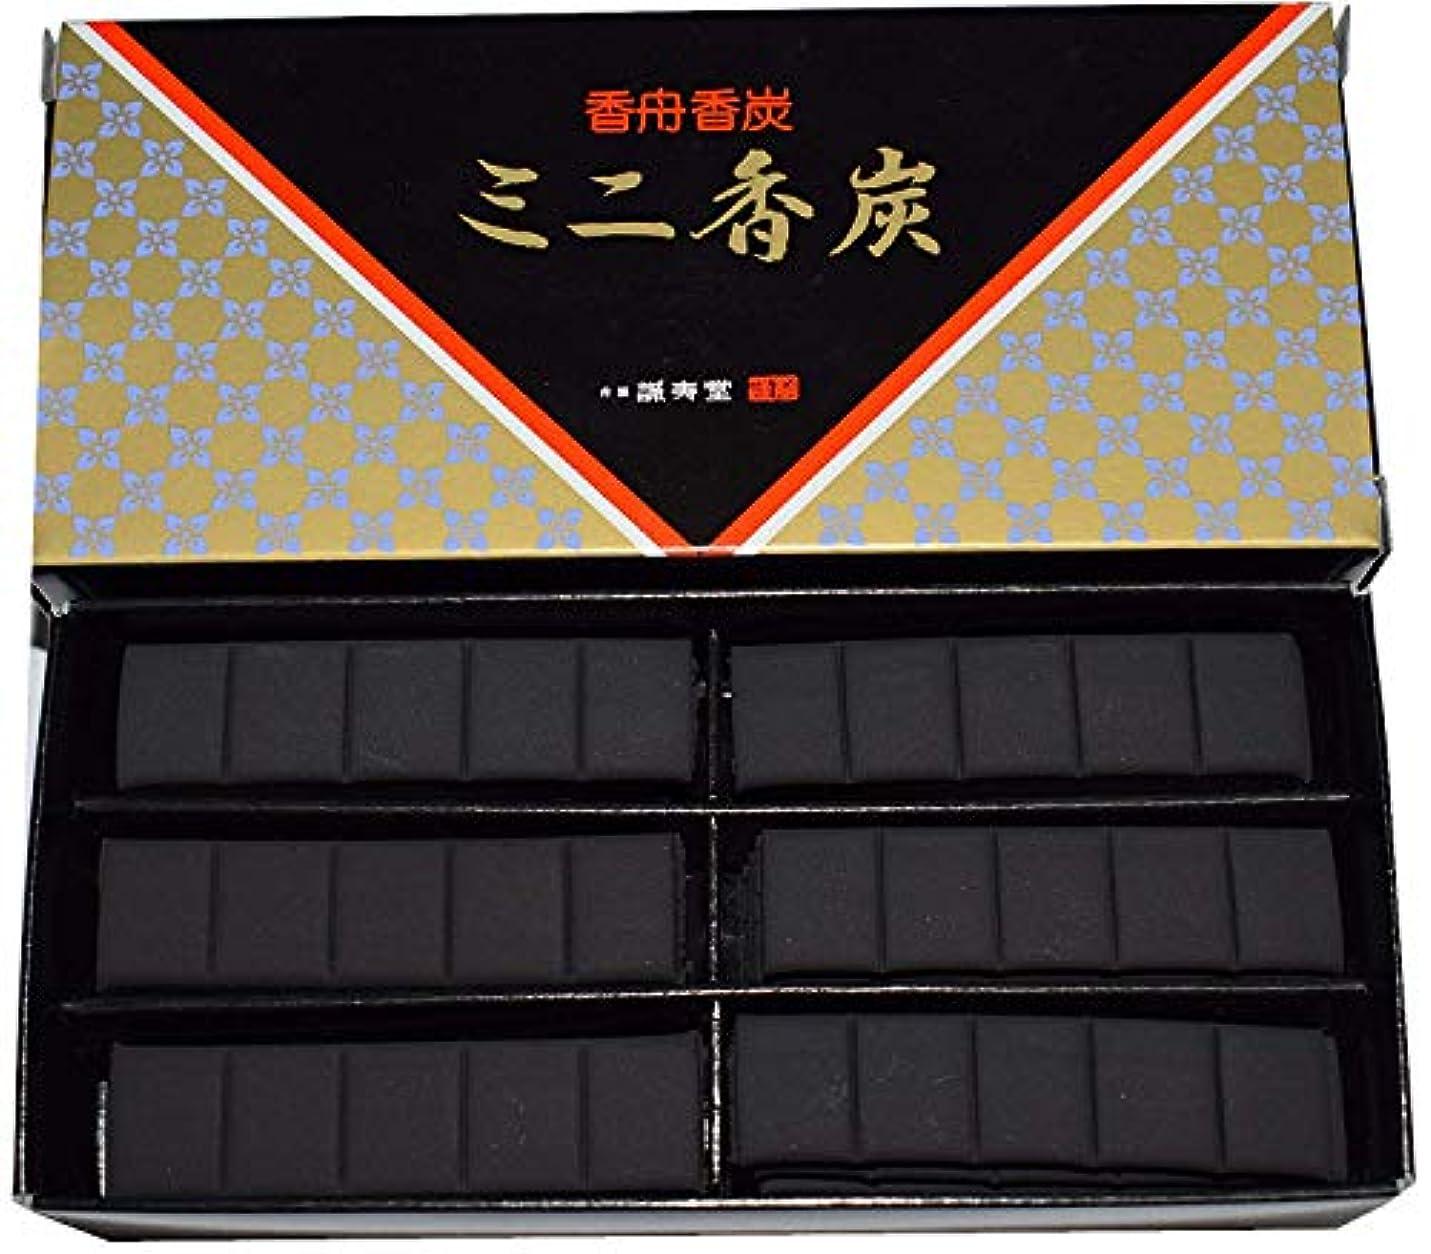 香舗 誠寿堂ミニ香炉炭 (黒, 5)